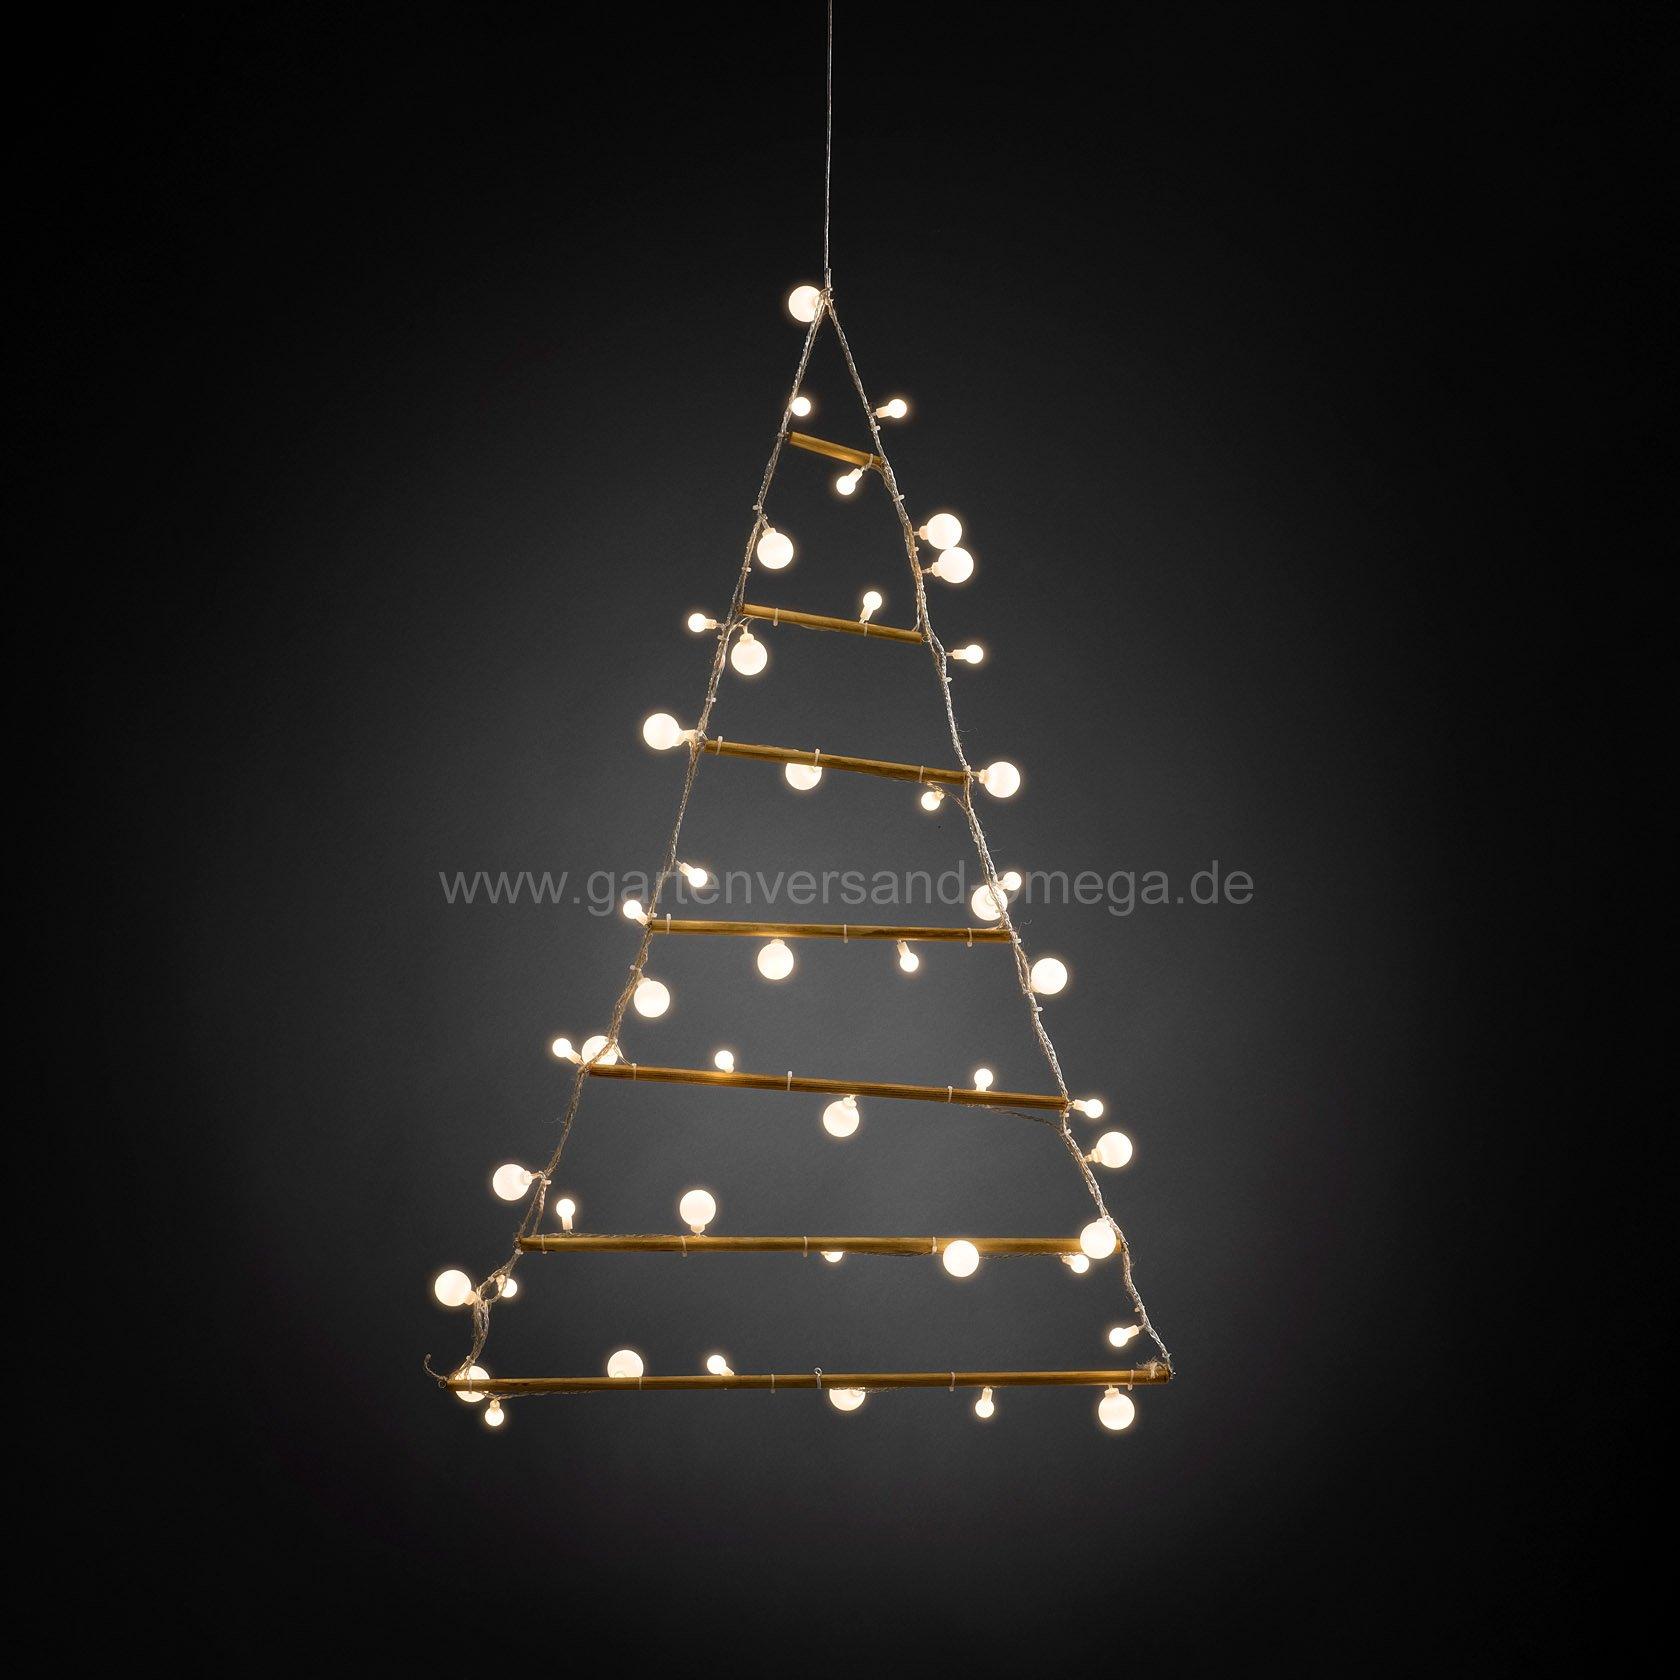 led holzpyramide h ngedekoration weihnachtsdekoration zum aufh ngen weihnachtsbeleuchtung. Black Bedroom Furniture Sets. Home Design Ideas